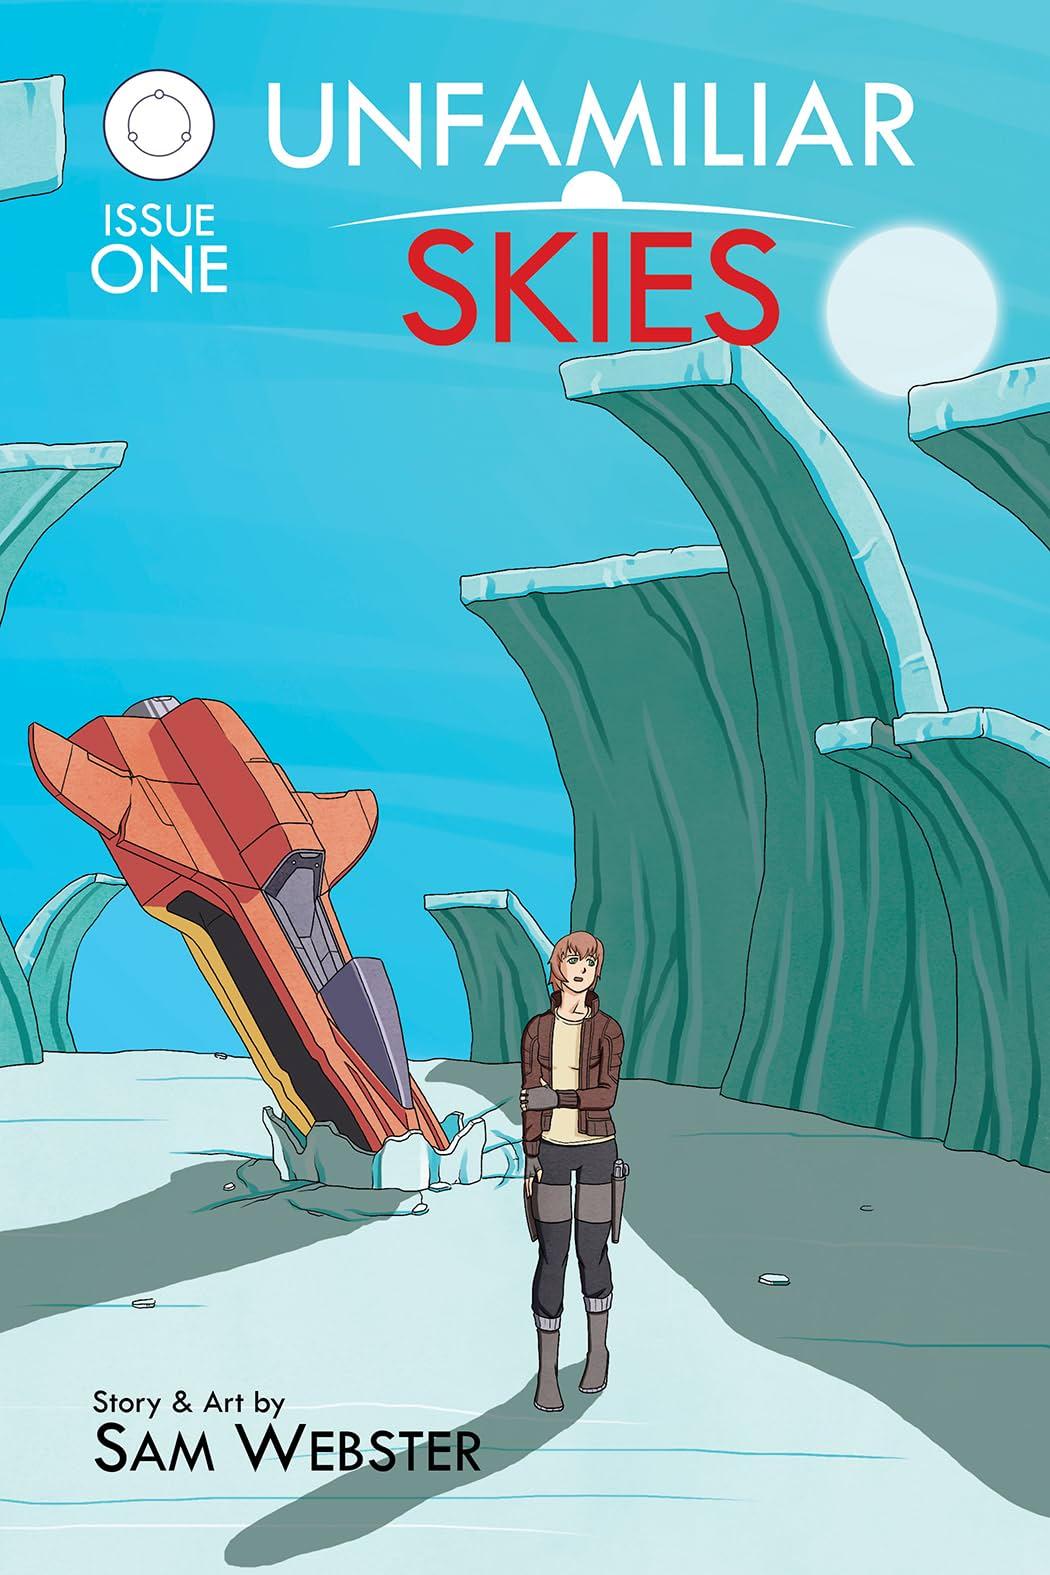 Unfamiliar Skies #1